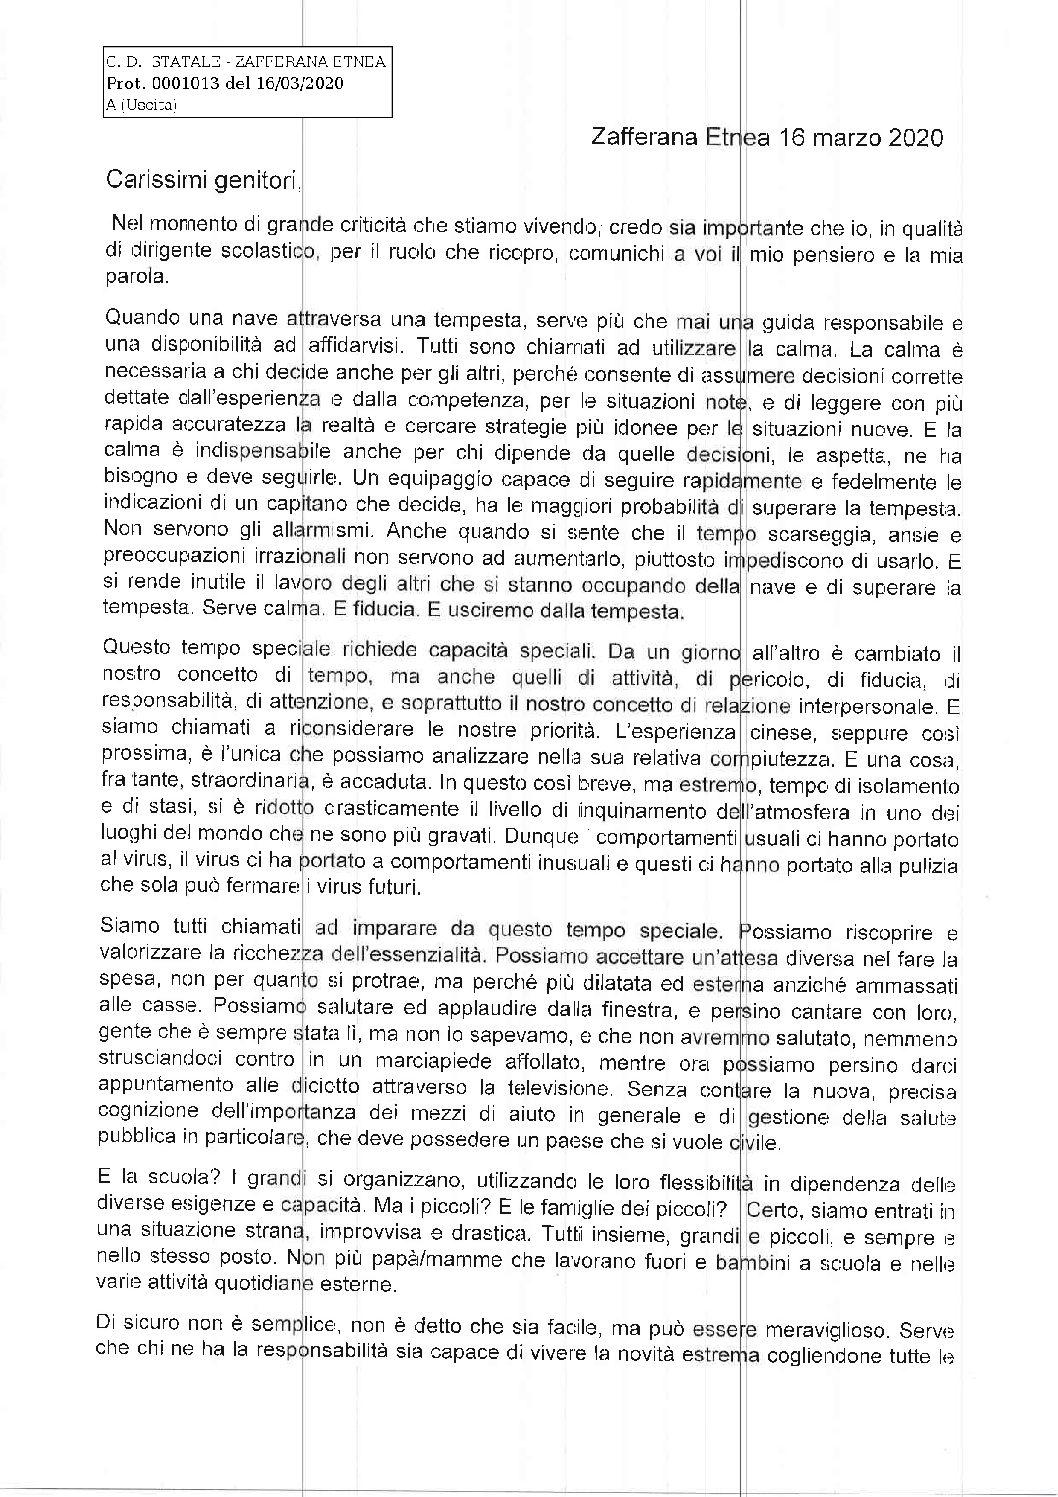 Comunicazione Direttrice Dott.ssa Zammataro Gabriella (1° parte)